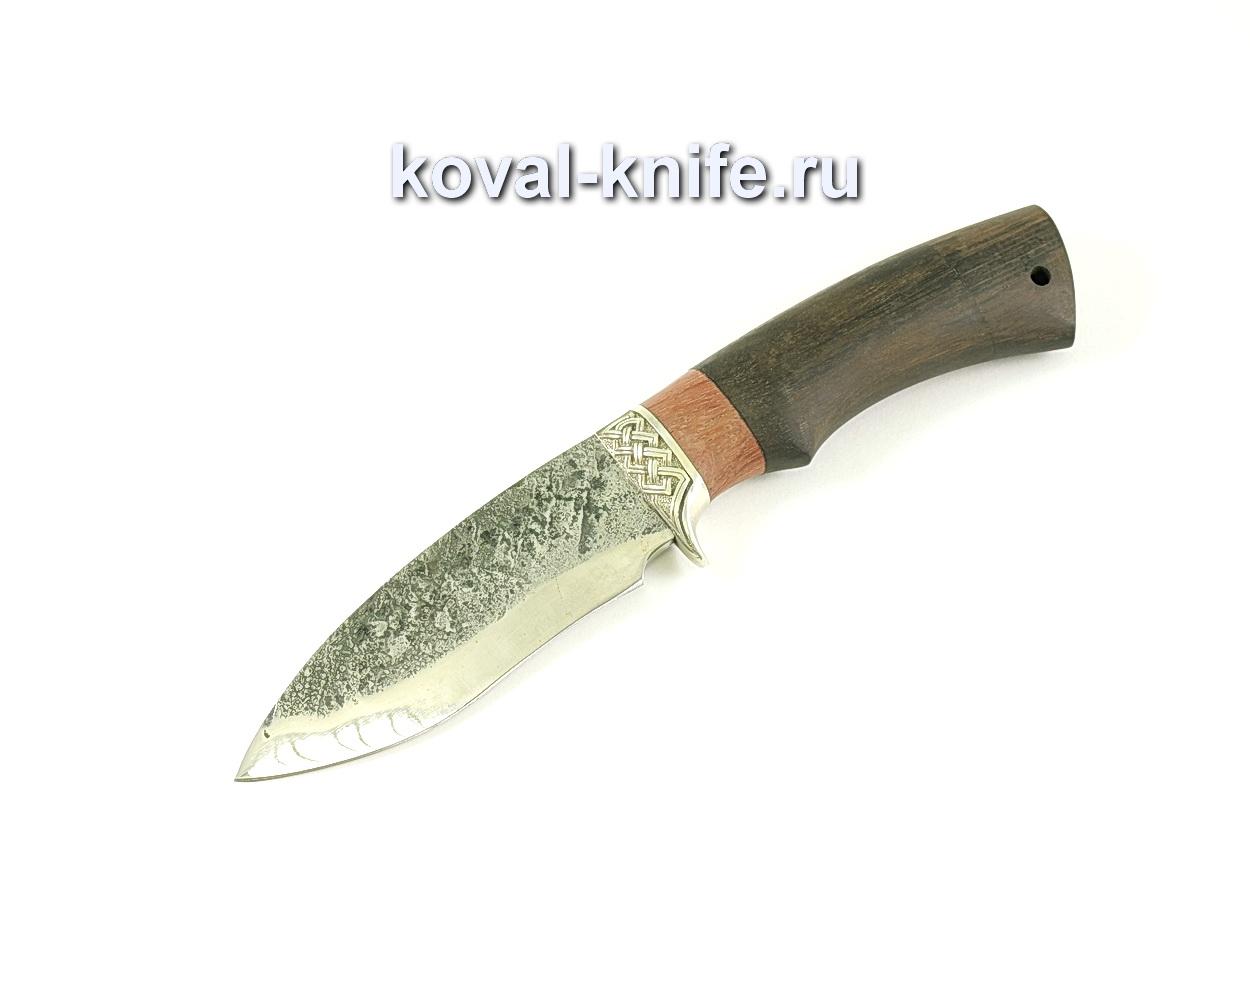 Нож Сапсан-2 (сталь 9хс), рукоять бубинга, венге A070